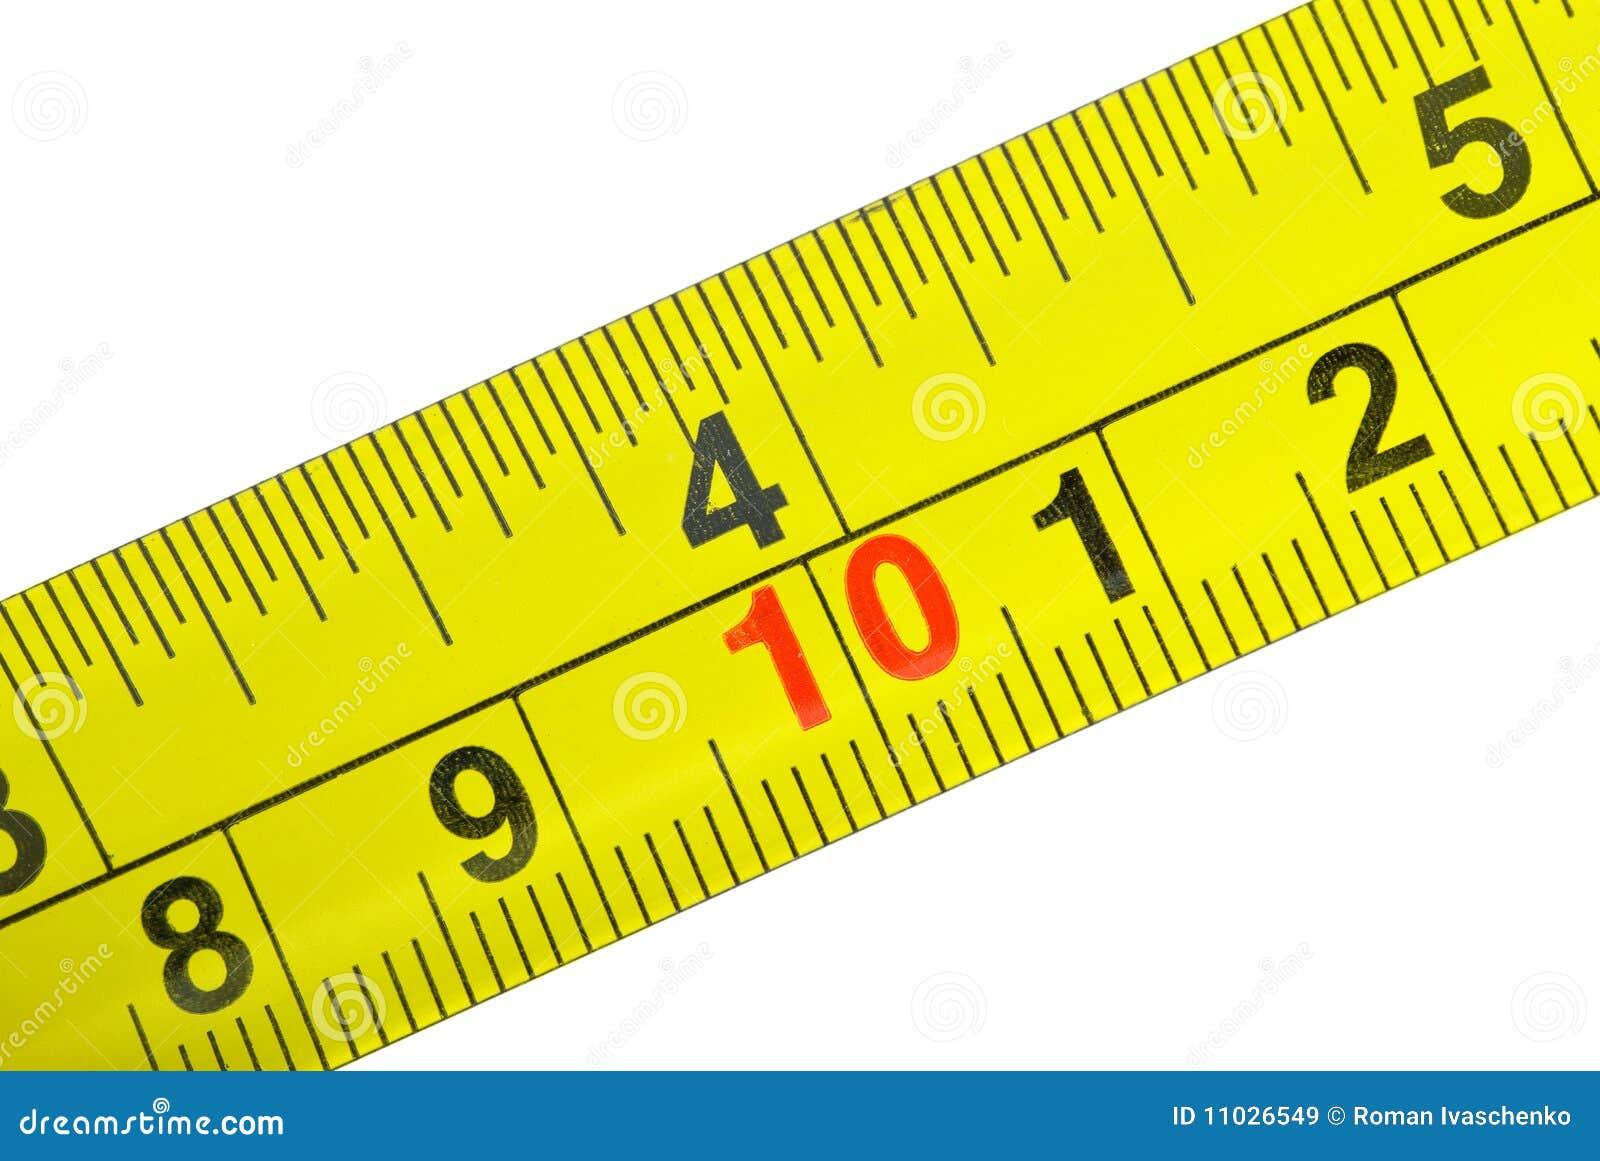 Close-up shot of yellow metal measurement tape